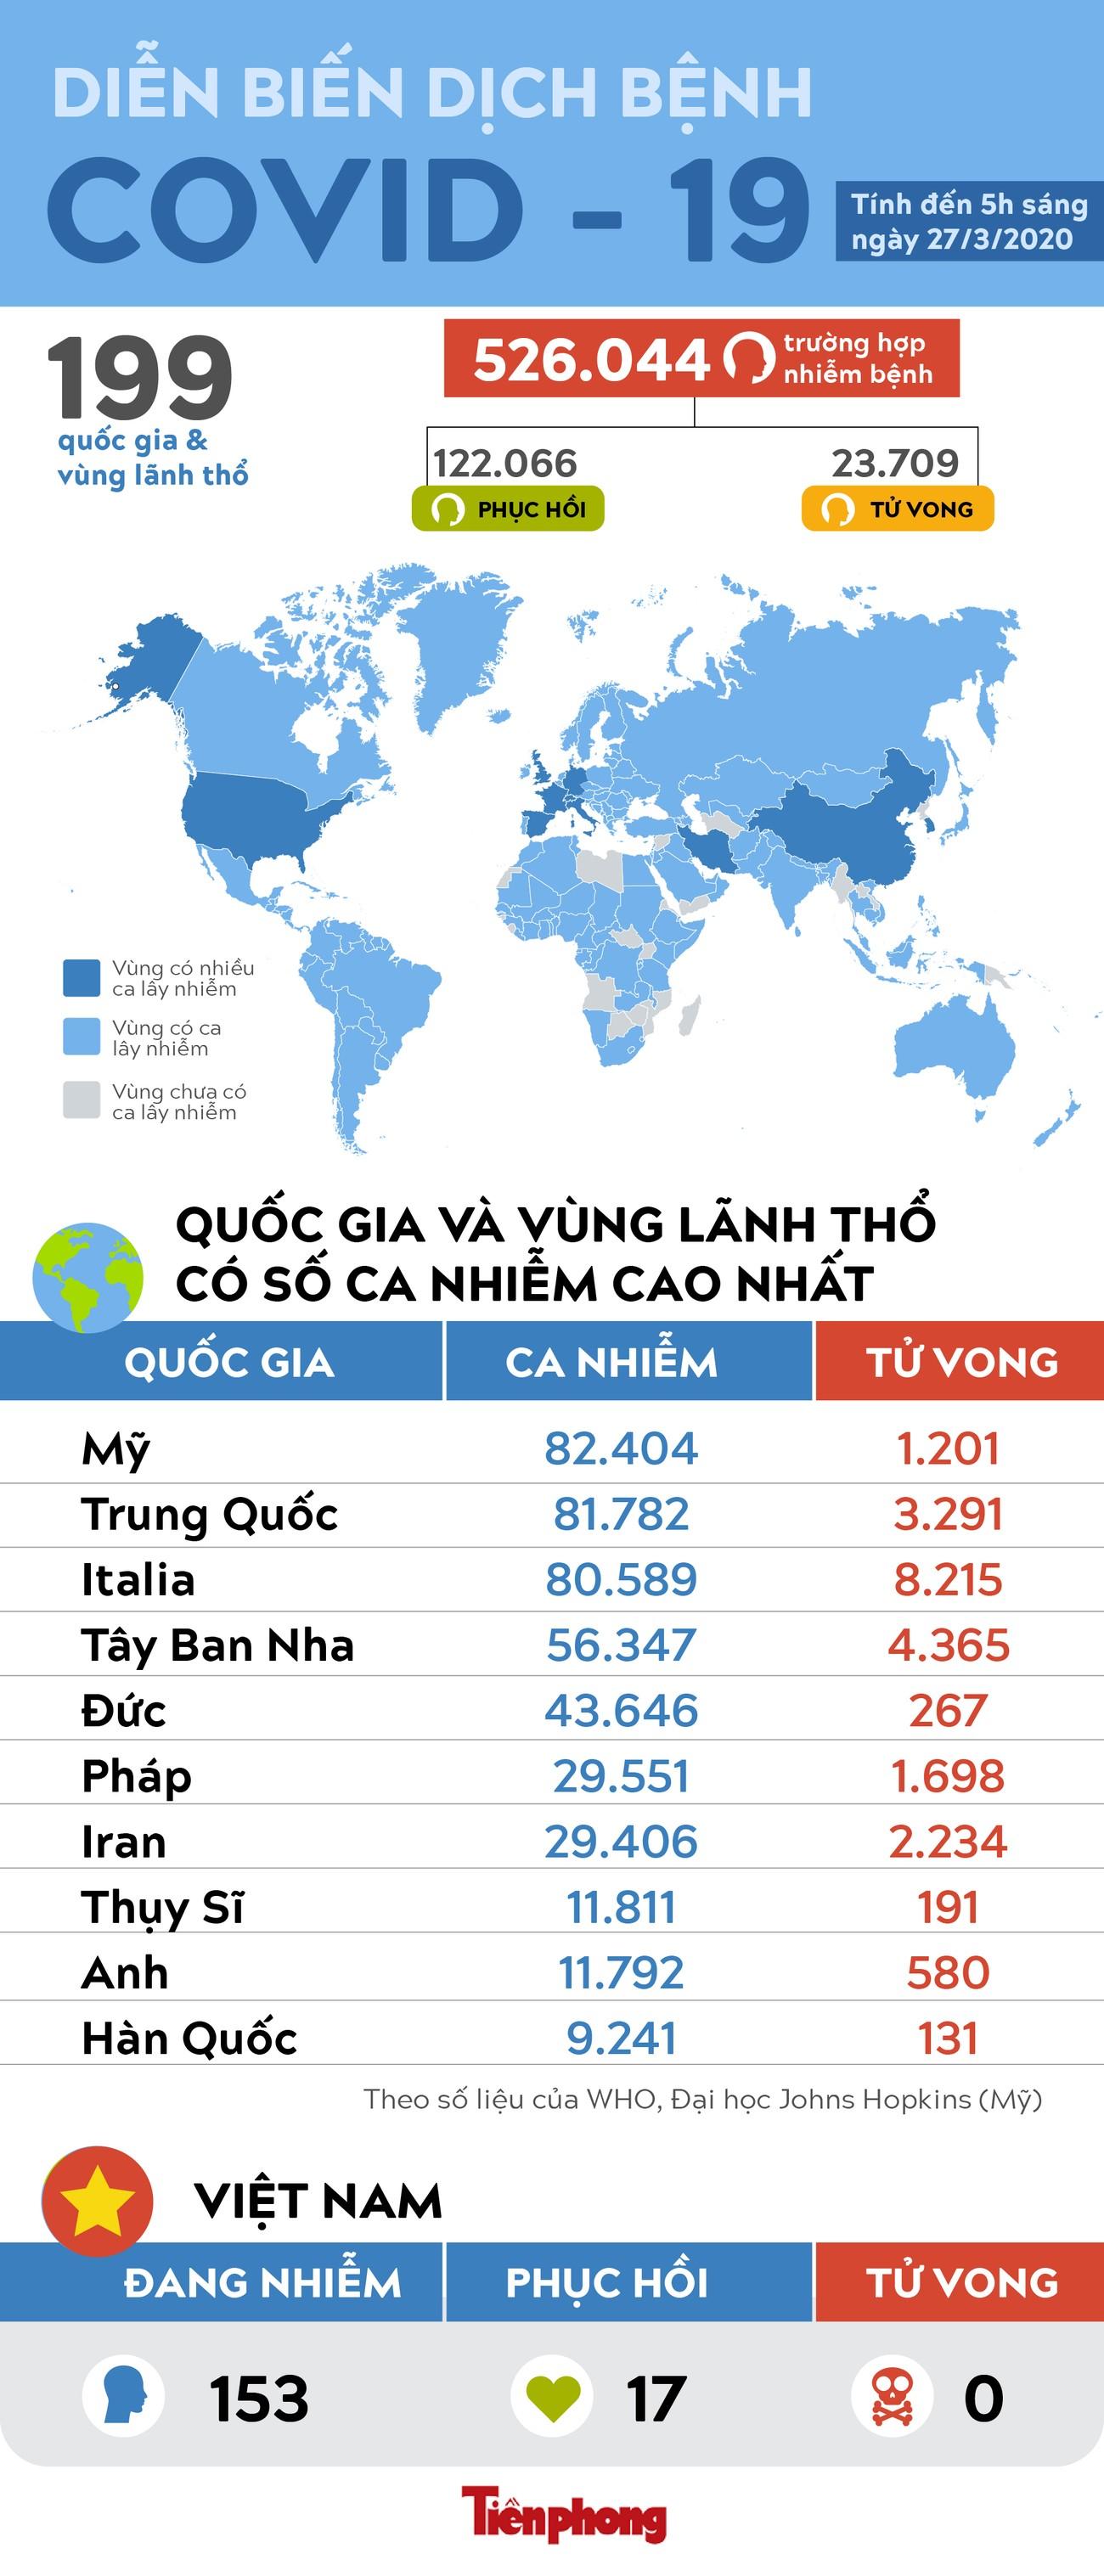 Số ca nhiễm virus SARS - Cov - 2 tại Mỹ cao nhất thế giới, ca tử vong ở Italy vượt 8.200 ảnh 1